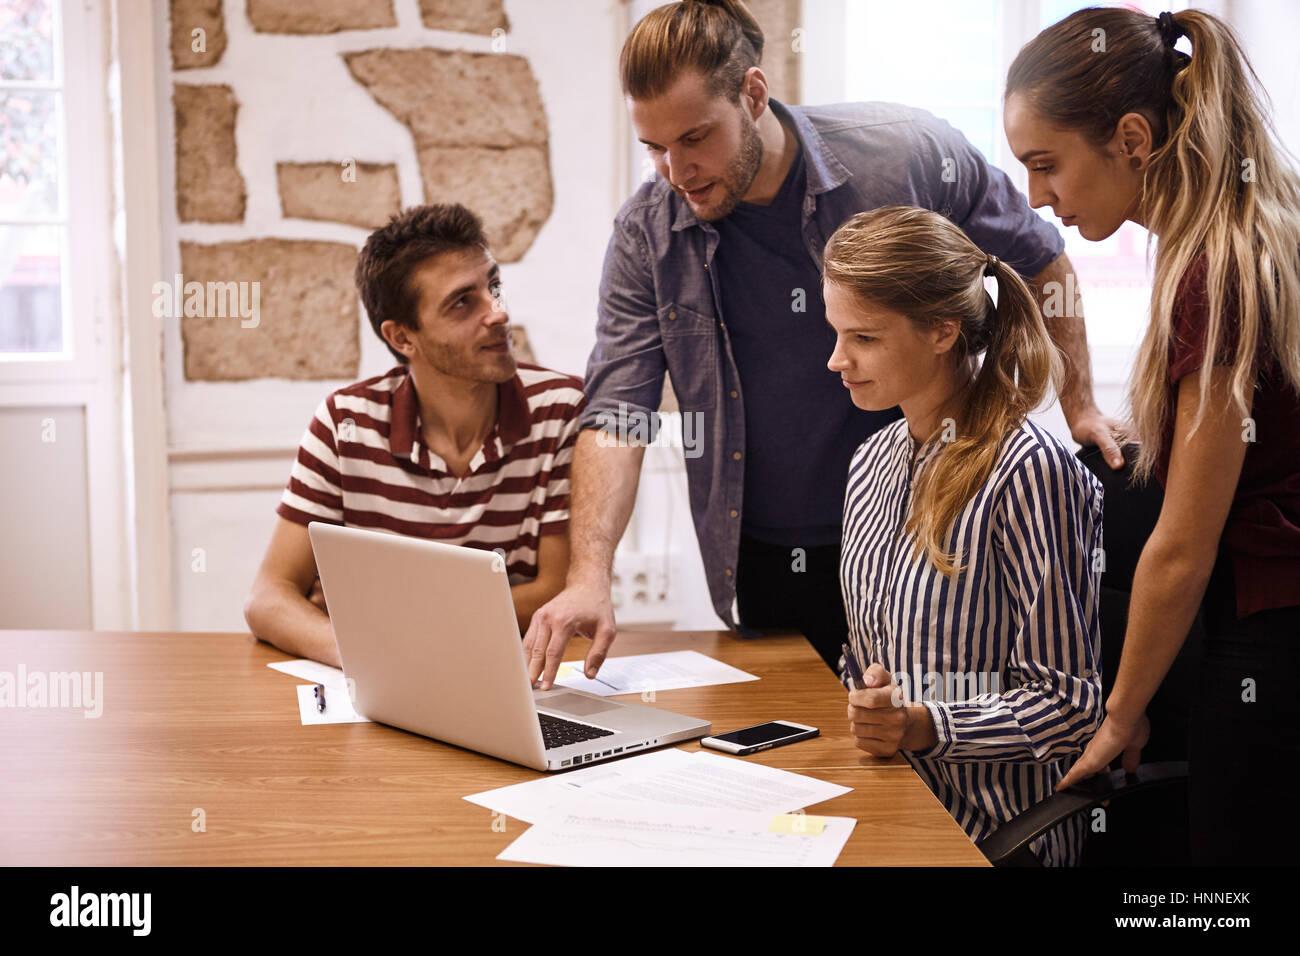 Empresa joven equipo sentado y de pie alrededor de un equipo portátil mientras un hombre está haciendo Imagen De Stock